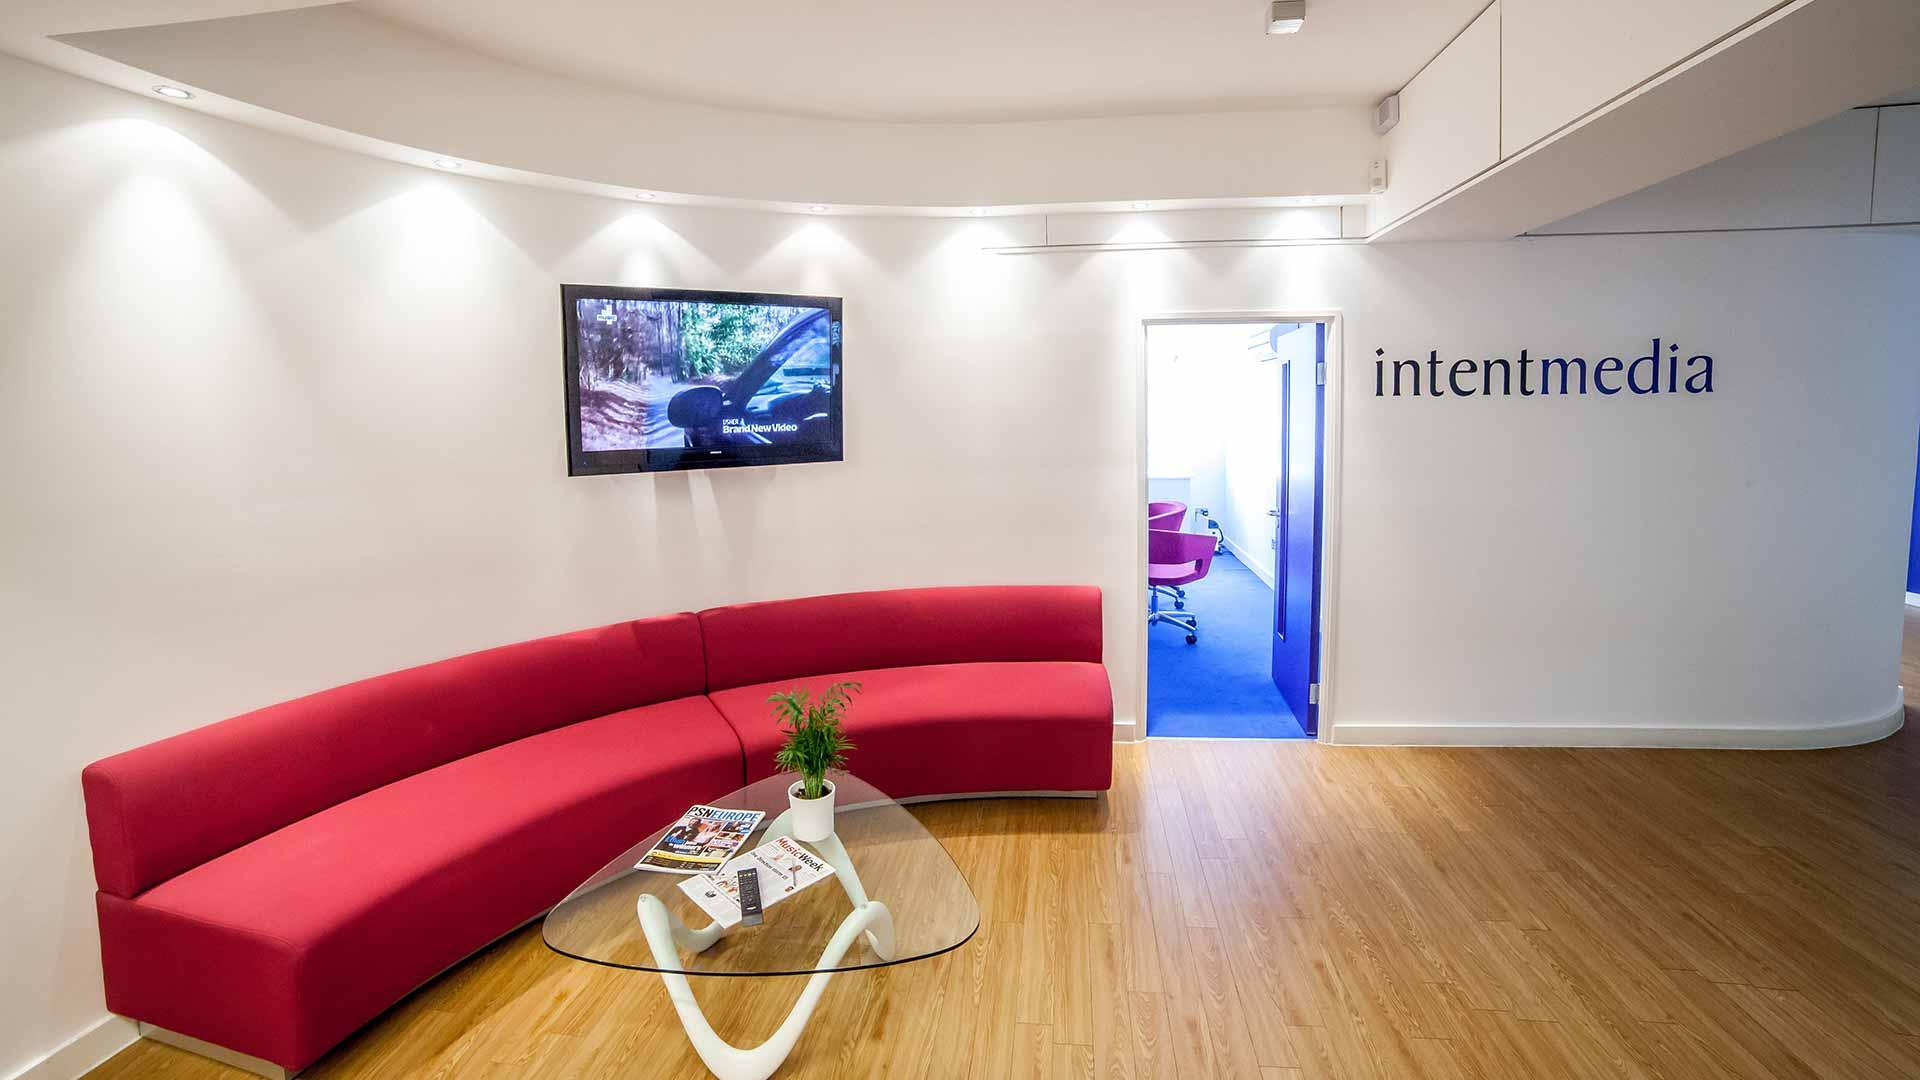 Intent Media Office